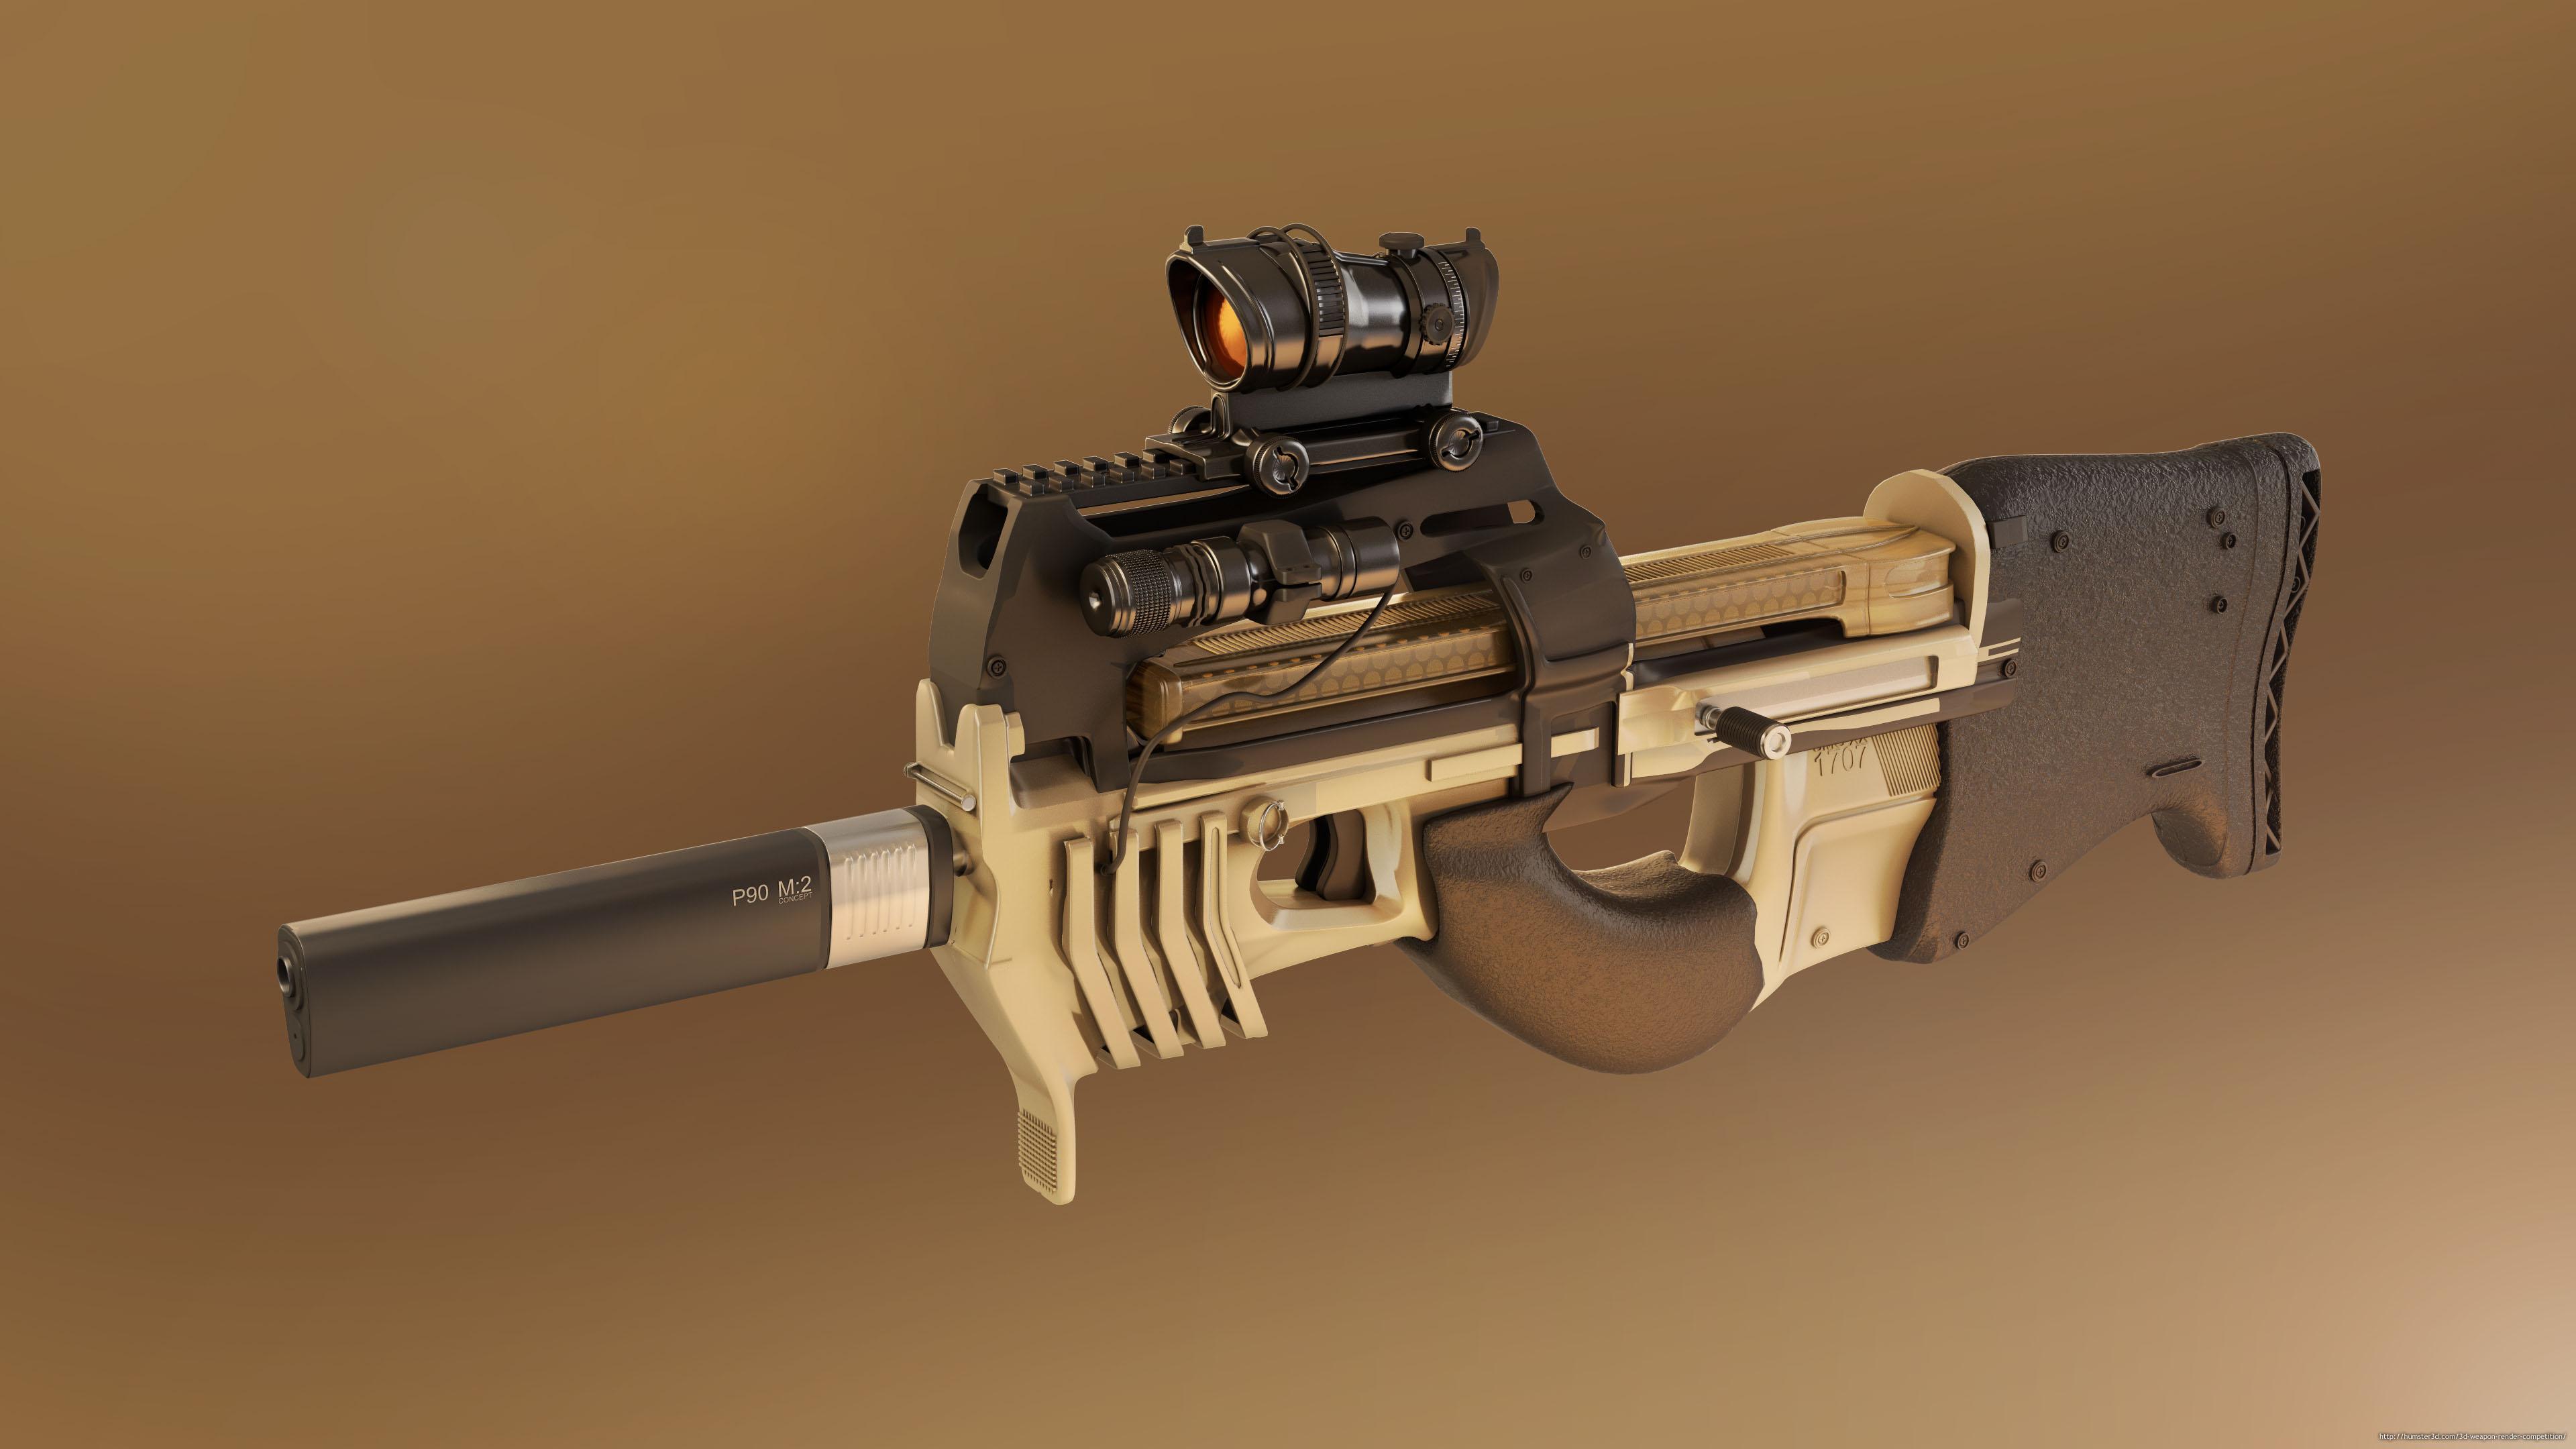 P90M2 Concept